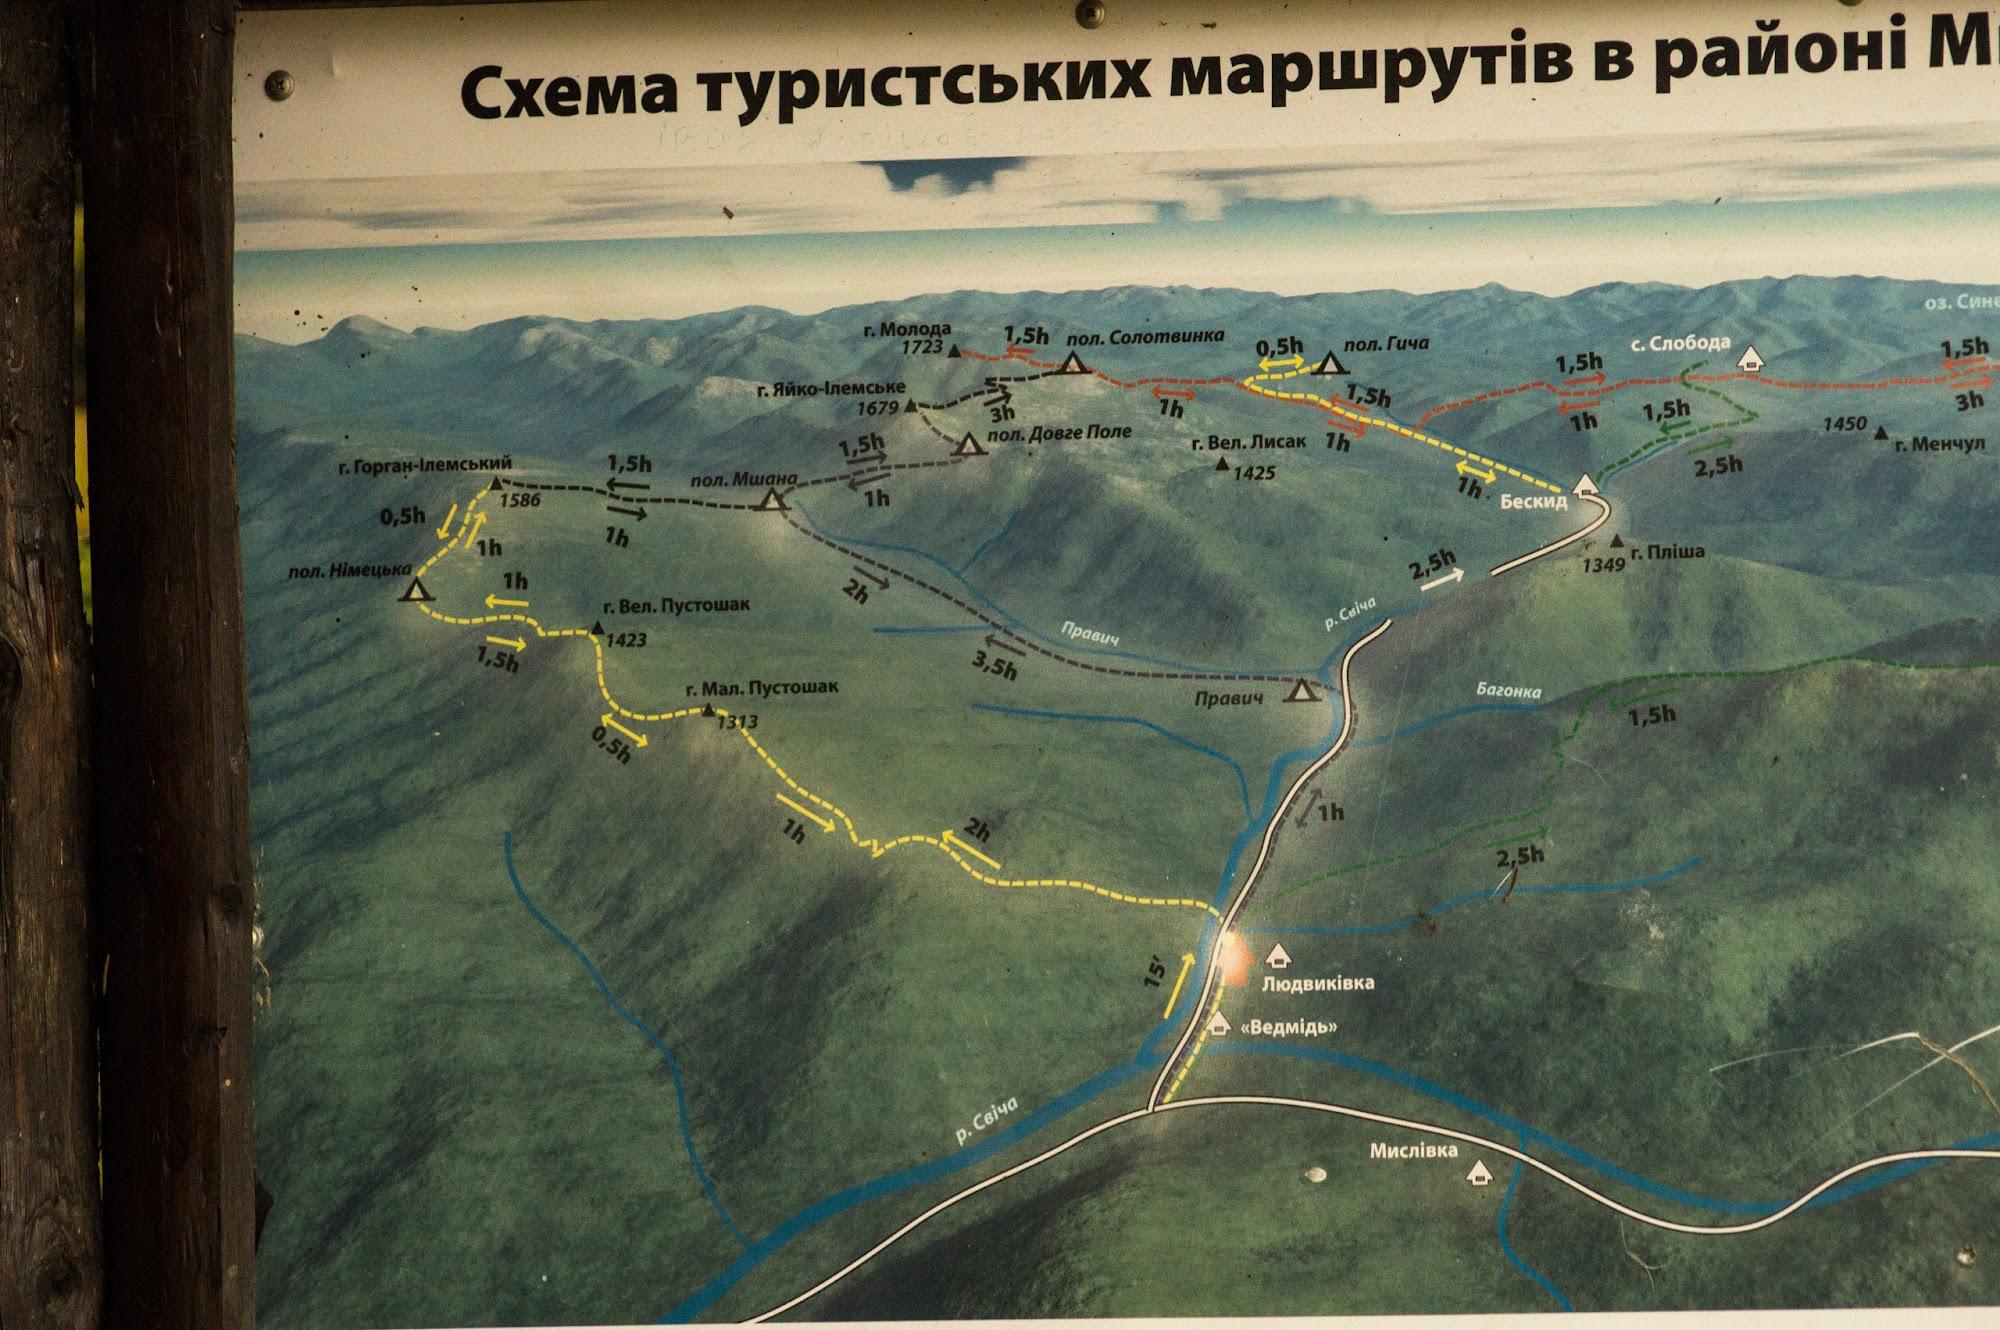 Схема маршрутів - Горган Ілемський, Пустошаки